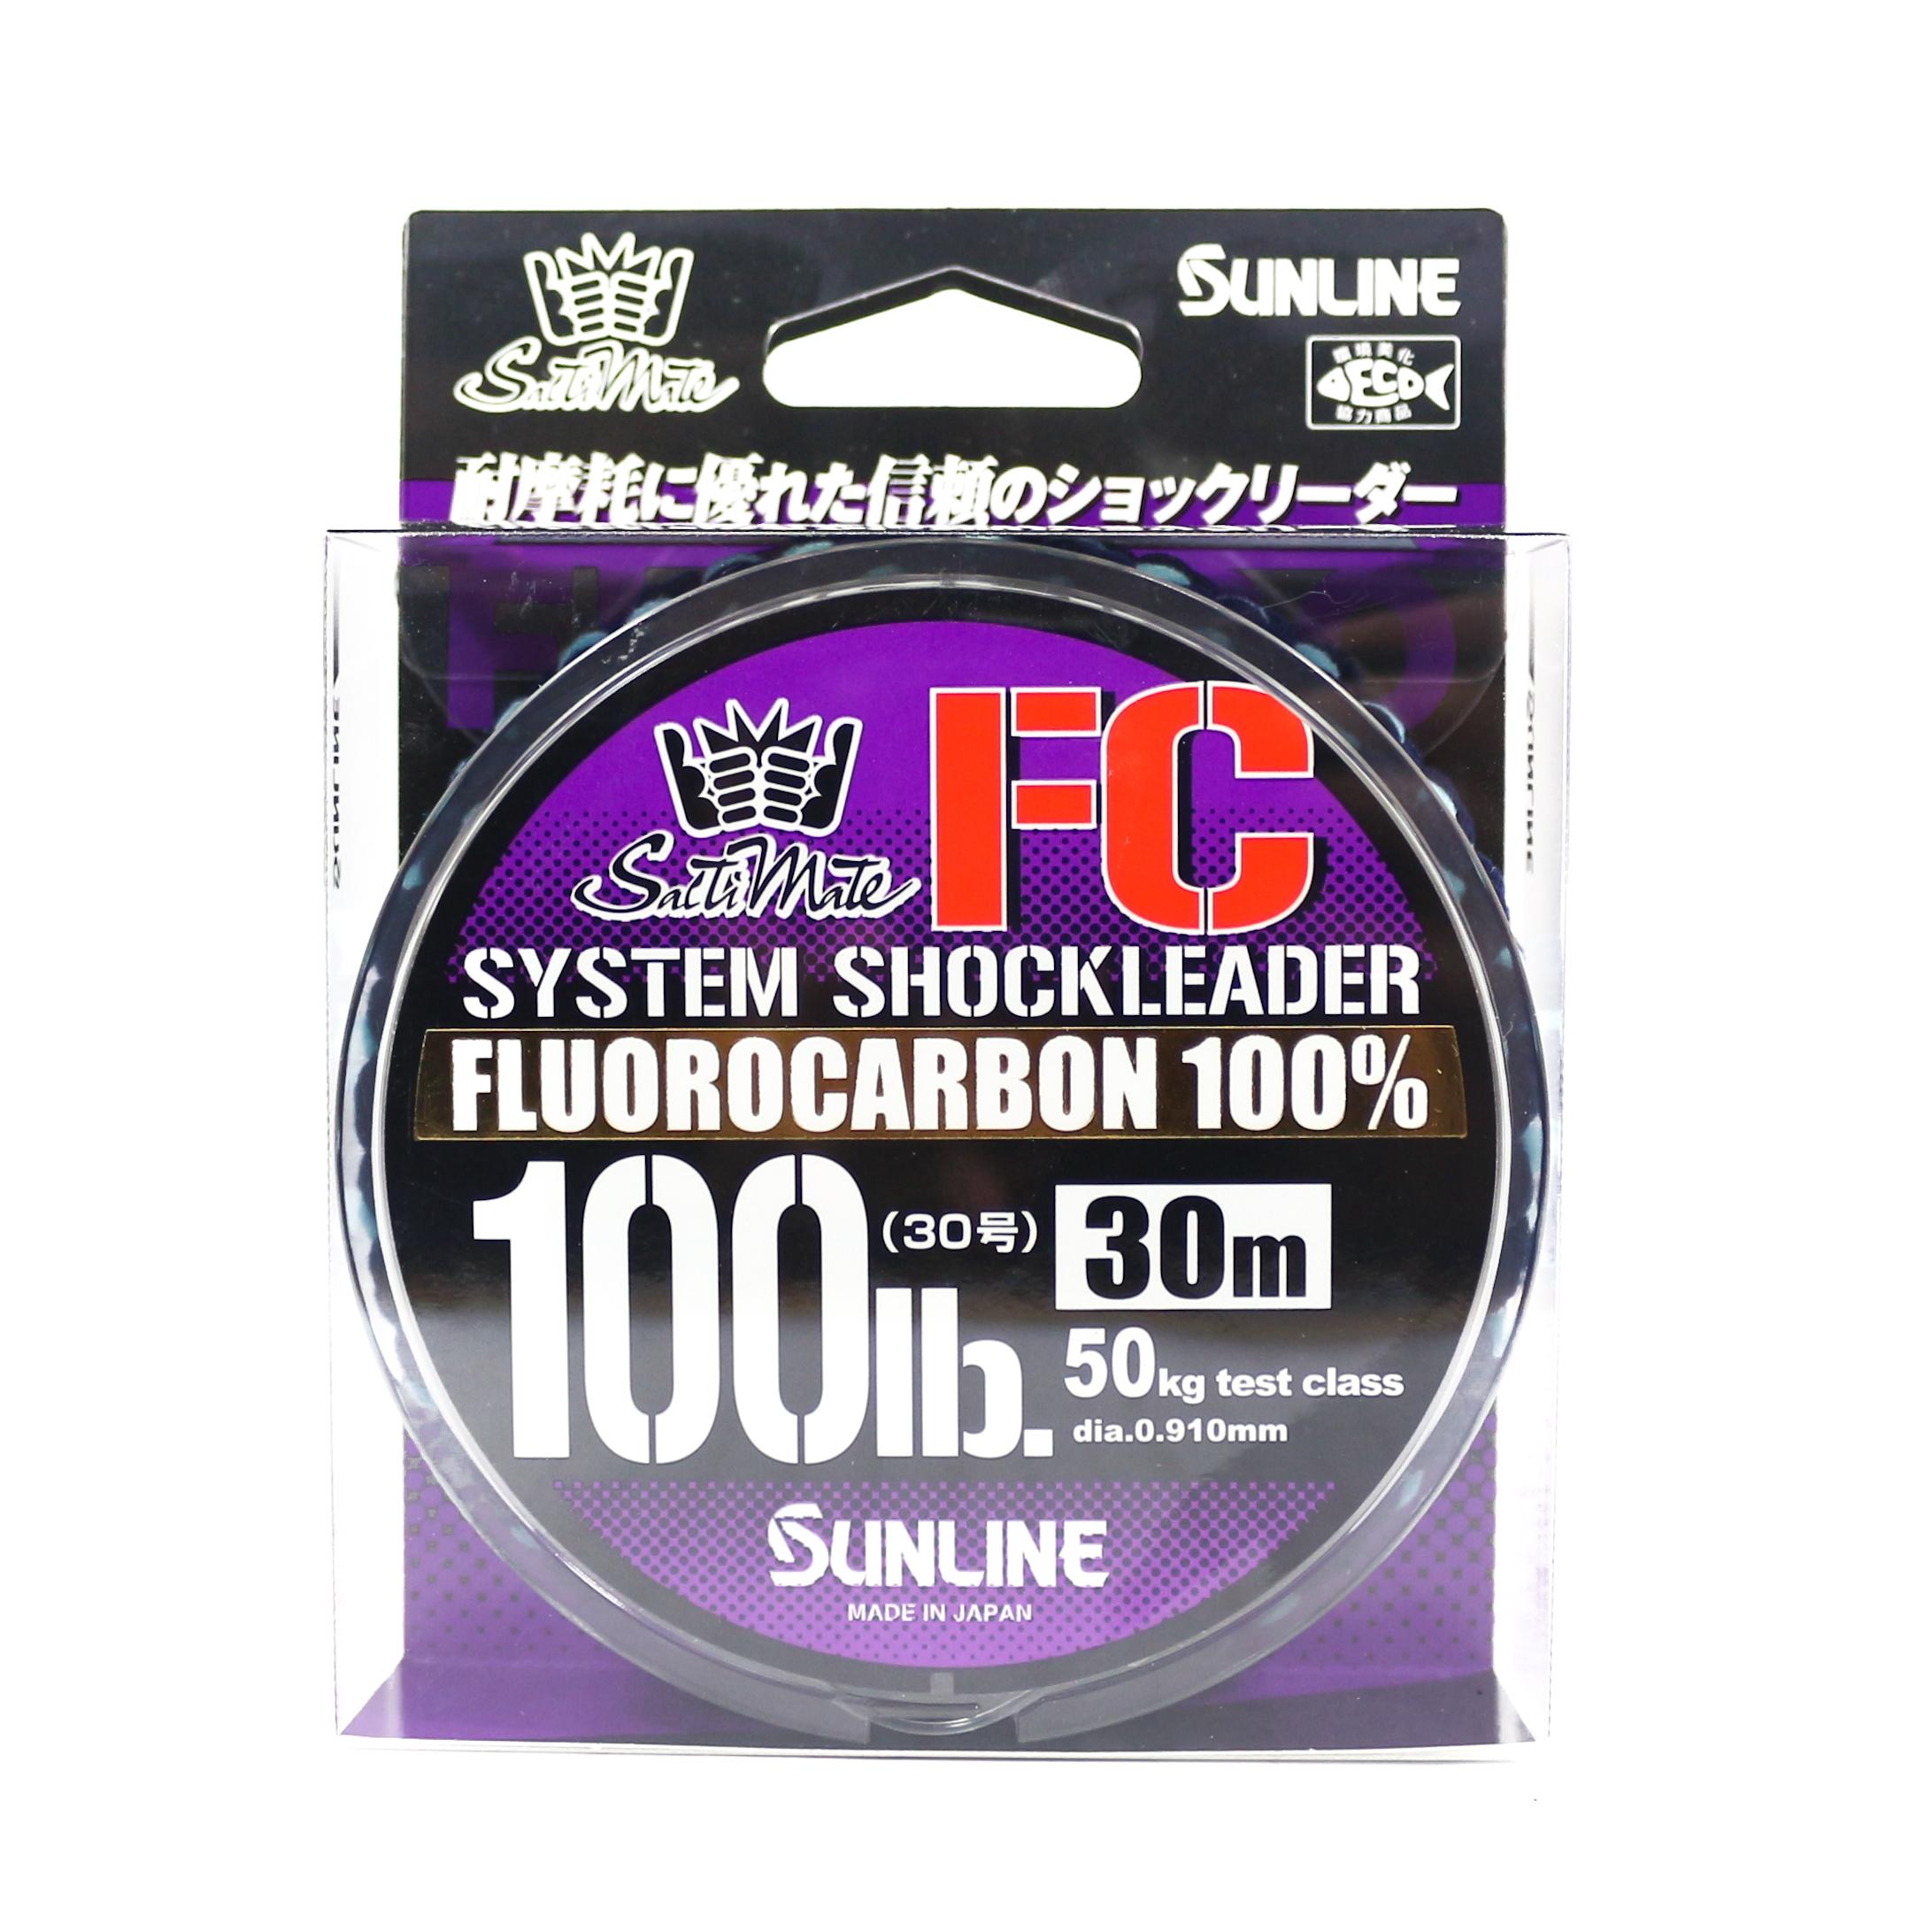 Sunline Saltwater System Shock Leader Fluorocarbon FC 30m 100lb (9253)